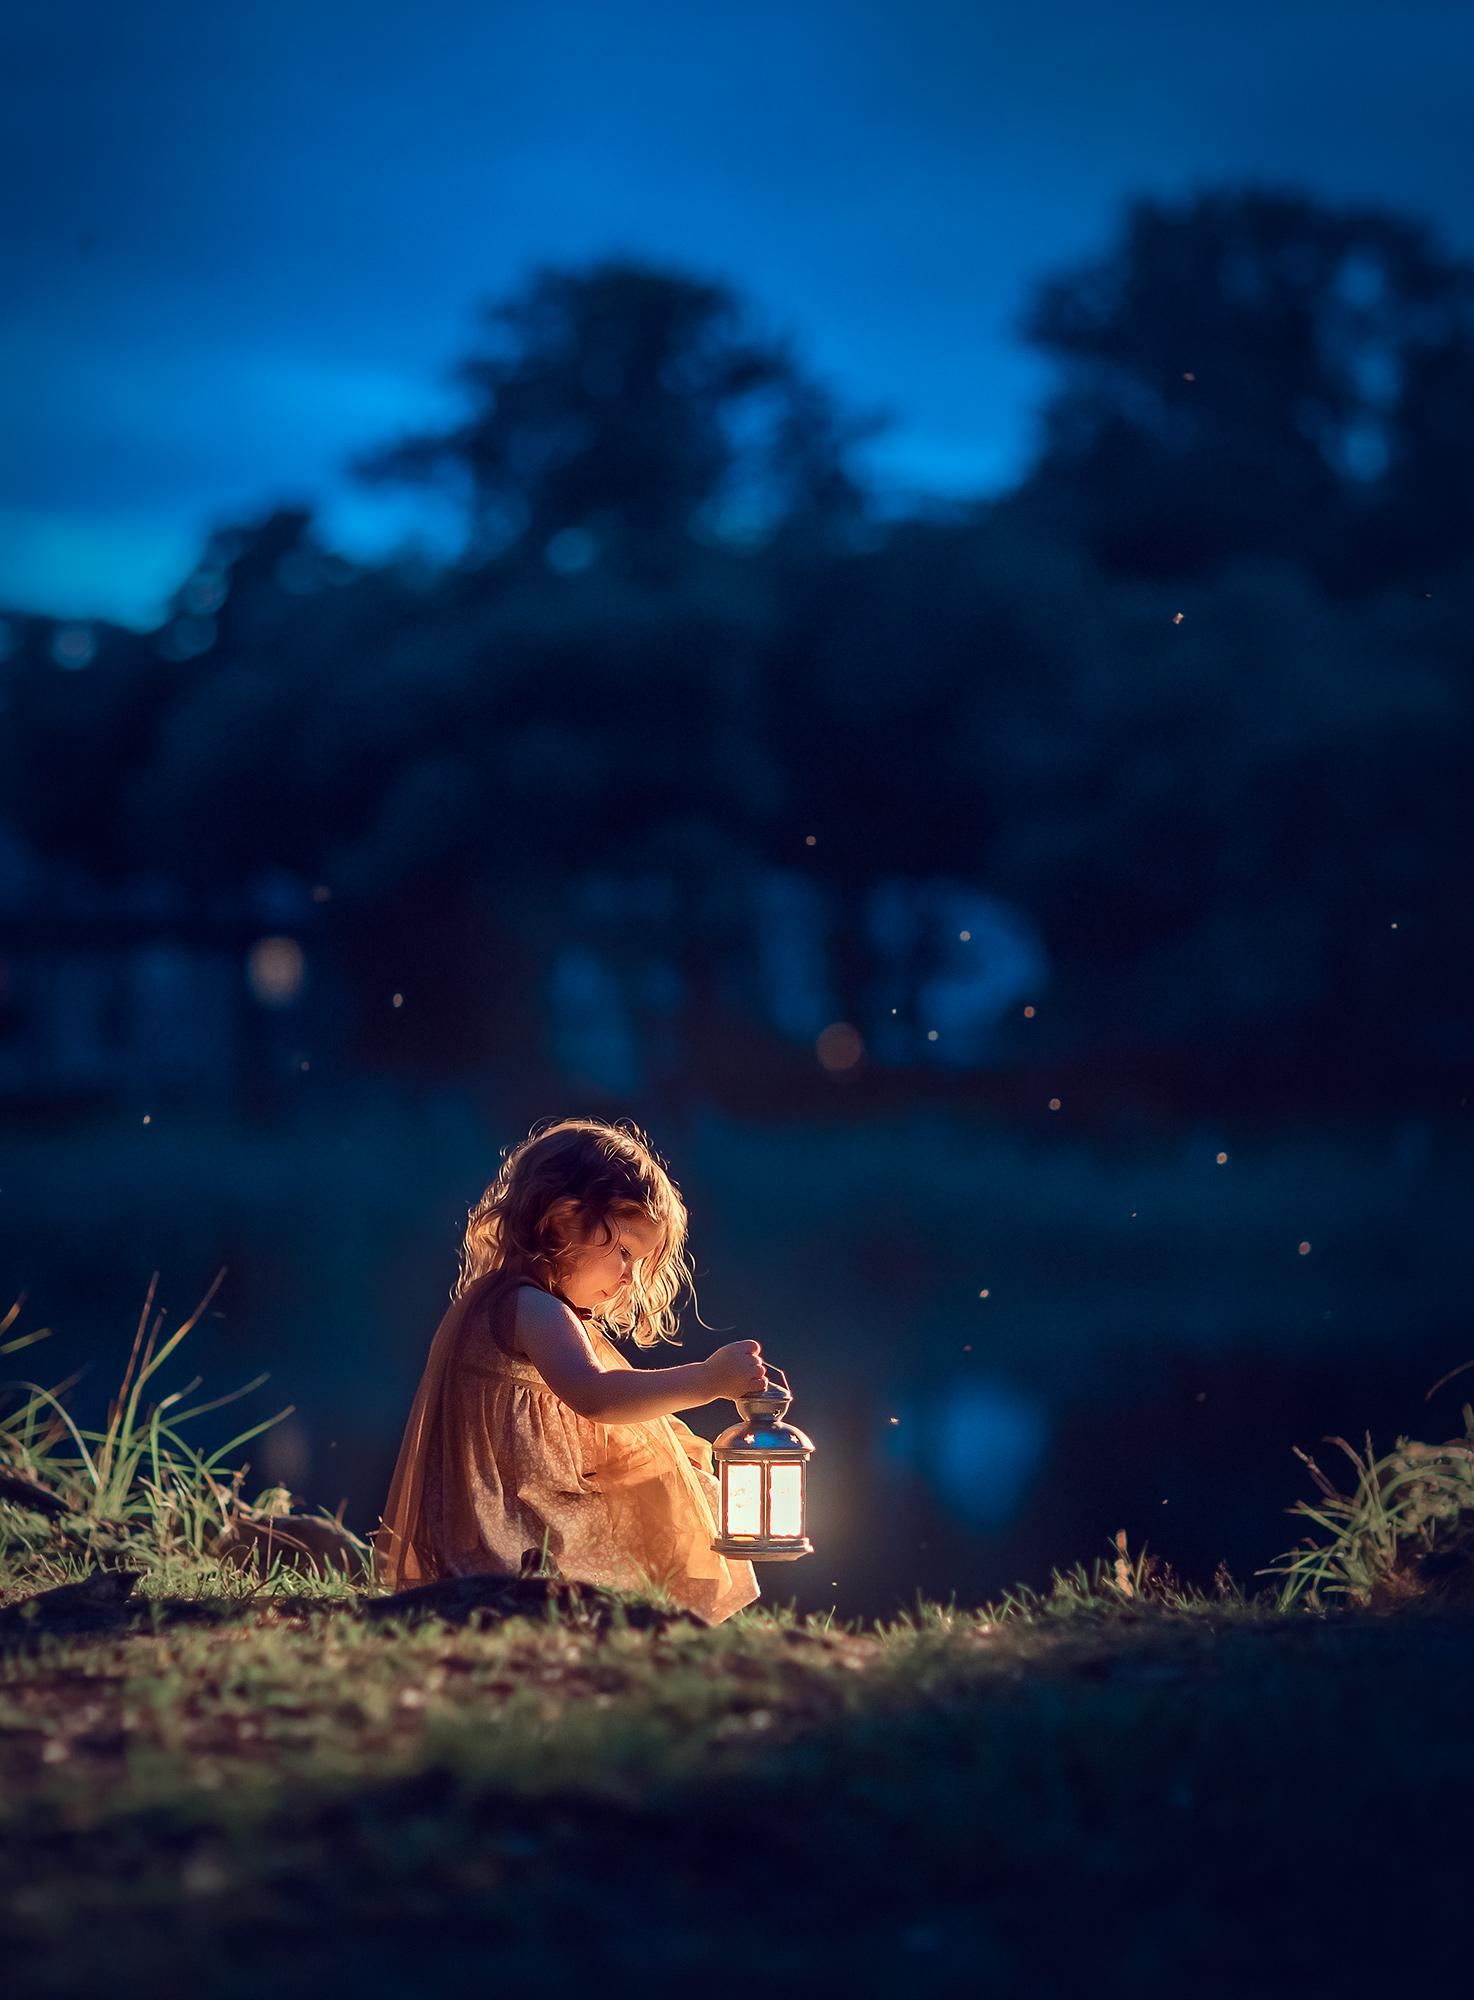 волшебная фотосессия для детей